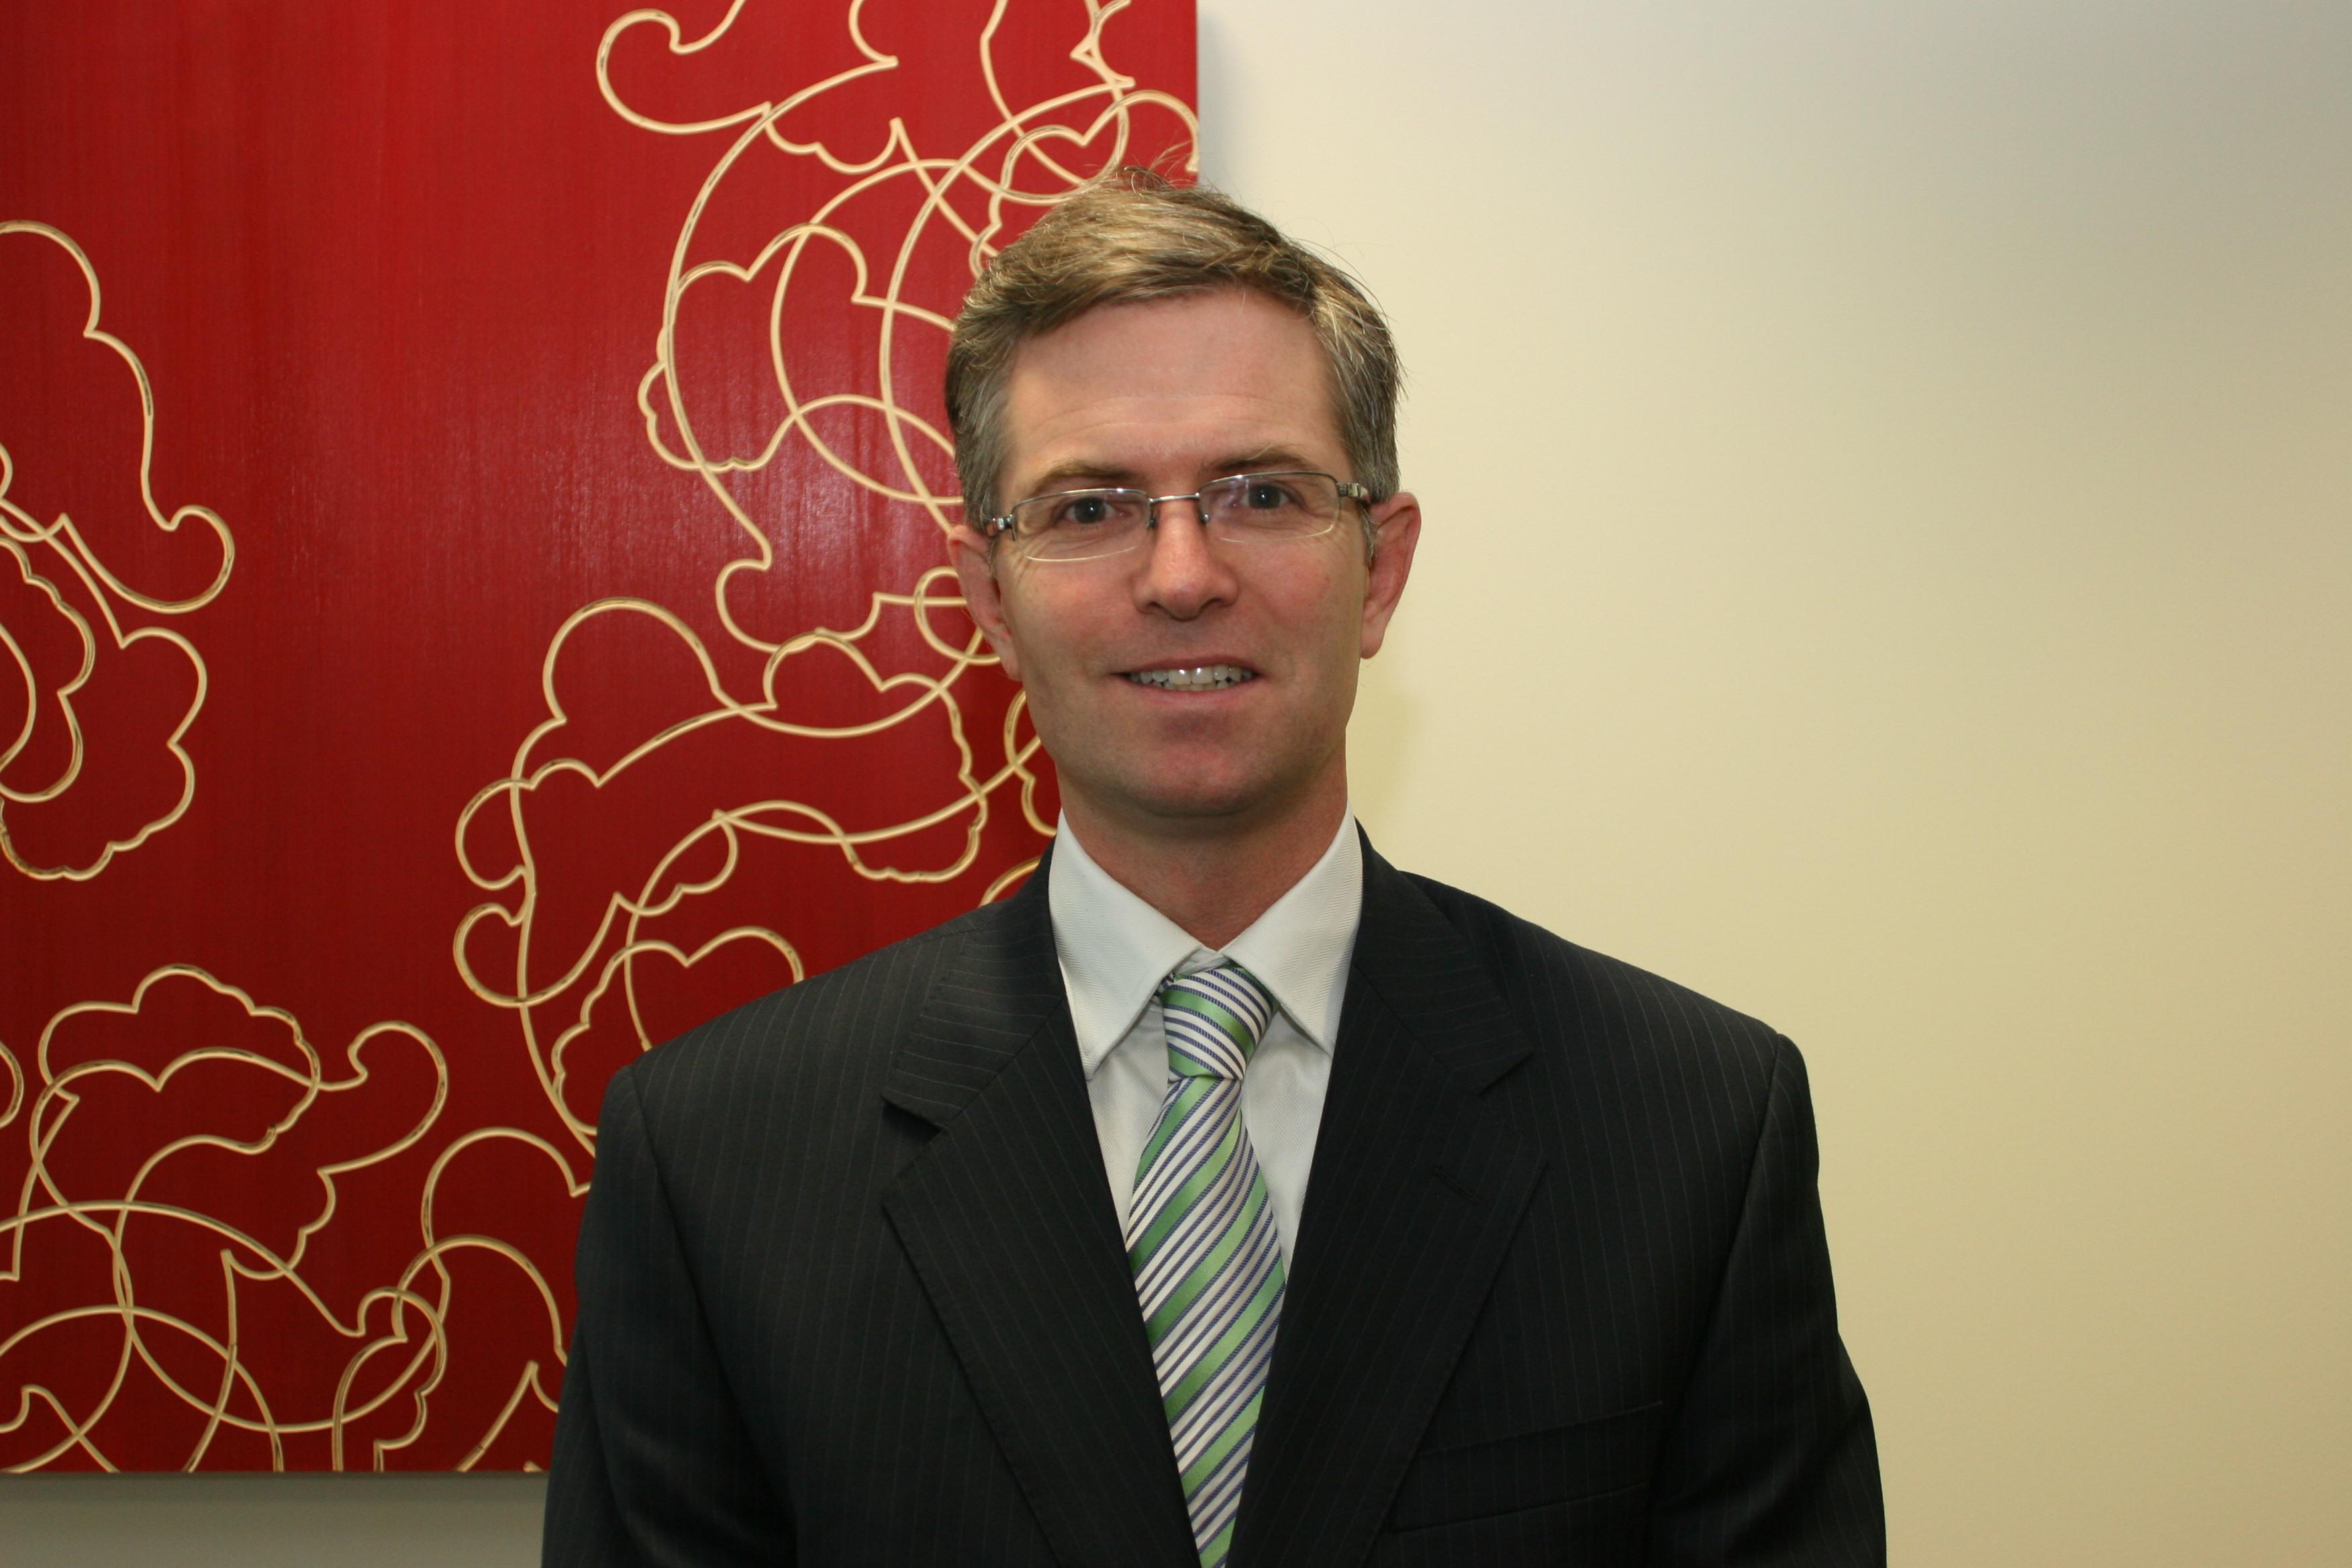 Stephen  O'Meara,   B.A., LL.B, Grad. Dip. Media Law